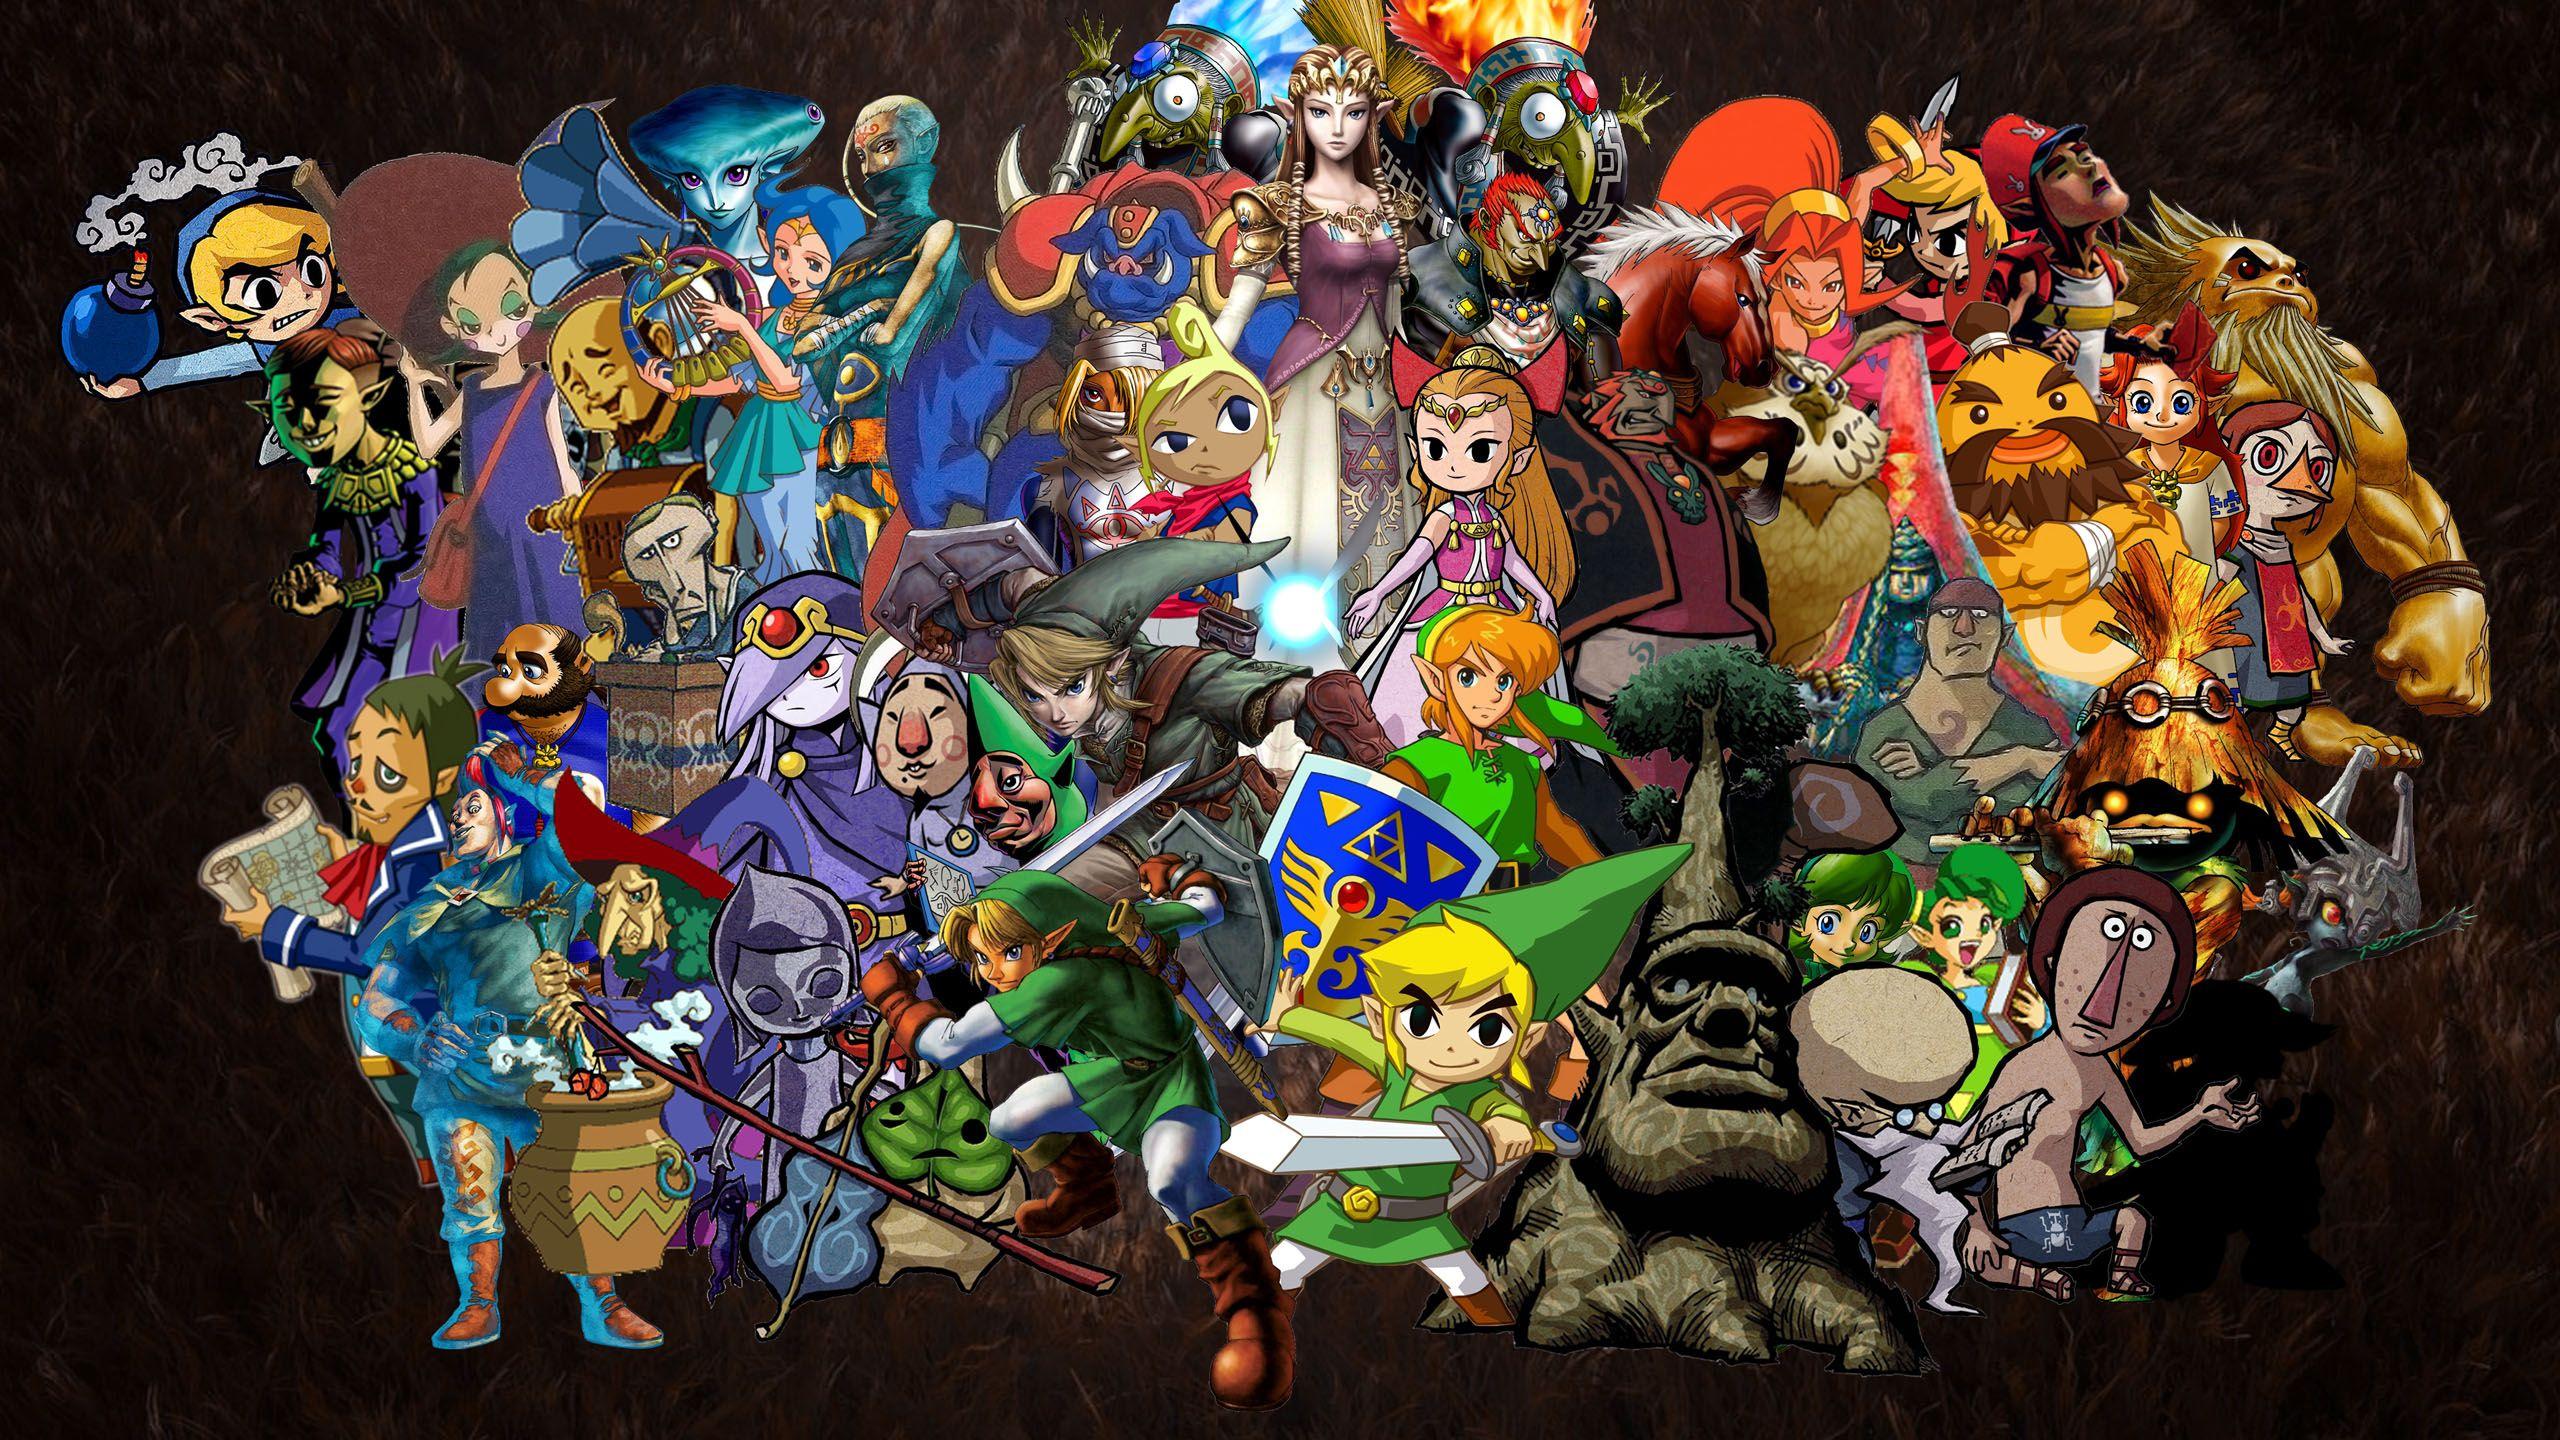 Zelda Skyward Sword Wallpaper